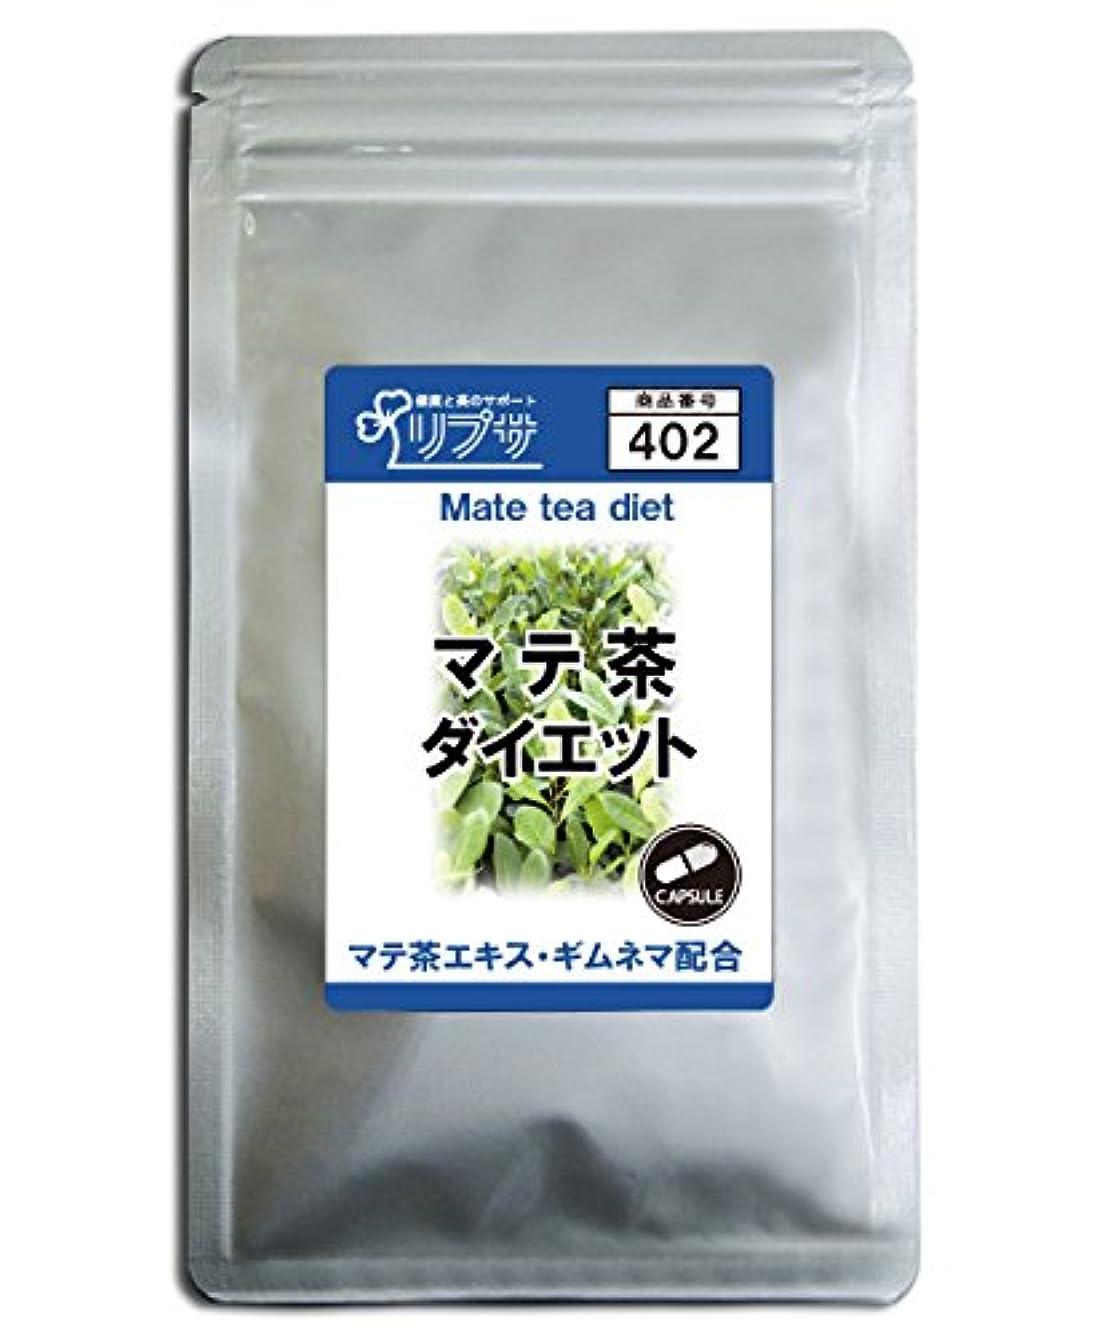 崇拝する革新ファンネルウェブスパイダーマテ茶ダイエット 約3か月分 C-402